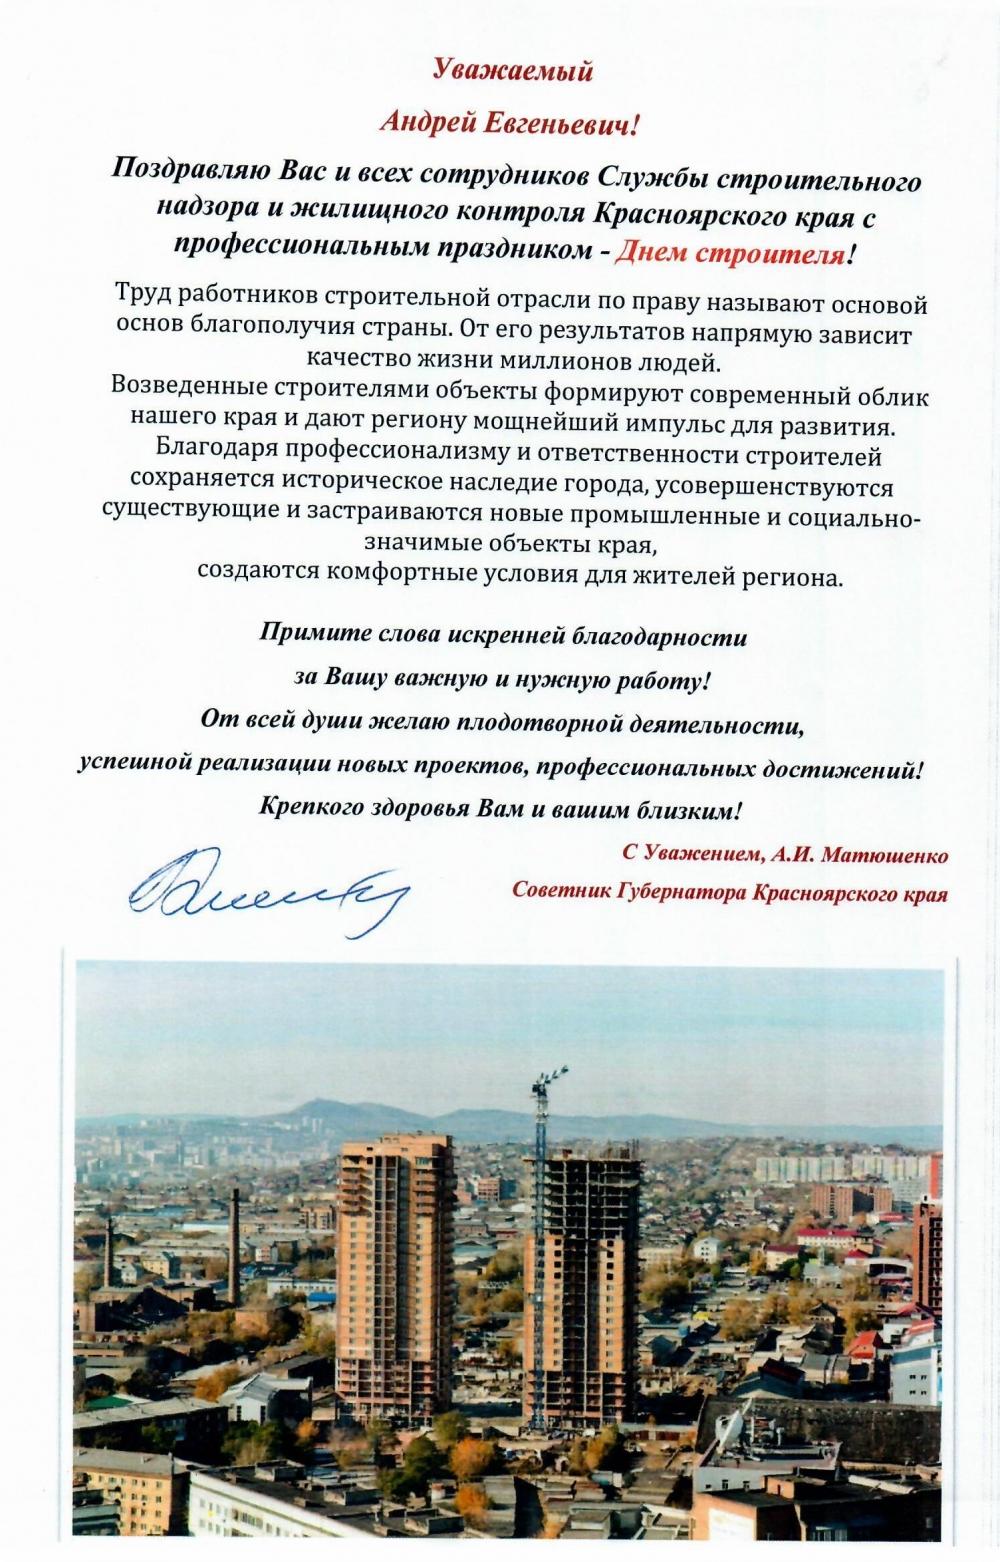 фонд поздравление на день строителя официальное министру продаже аптеках оно